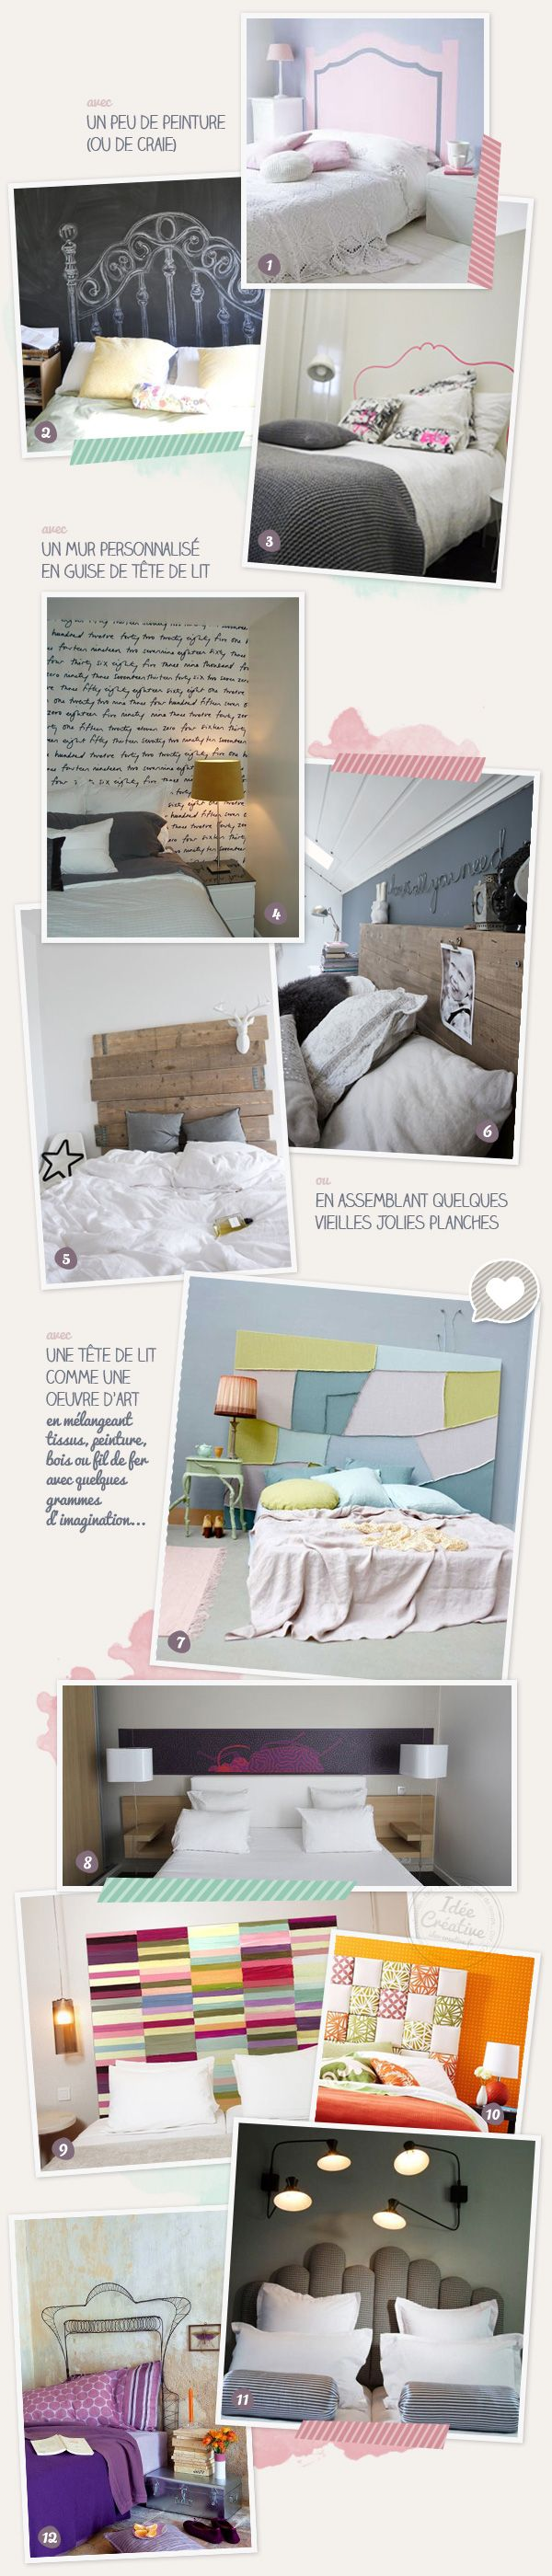 comment fixer une tete de lit sur un sommier tapissier: têtes de lit